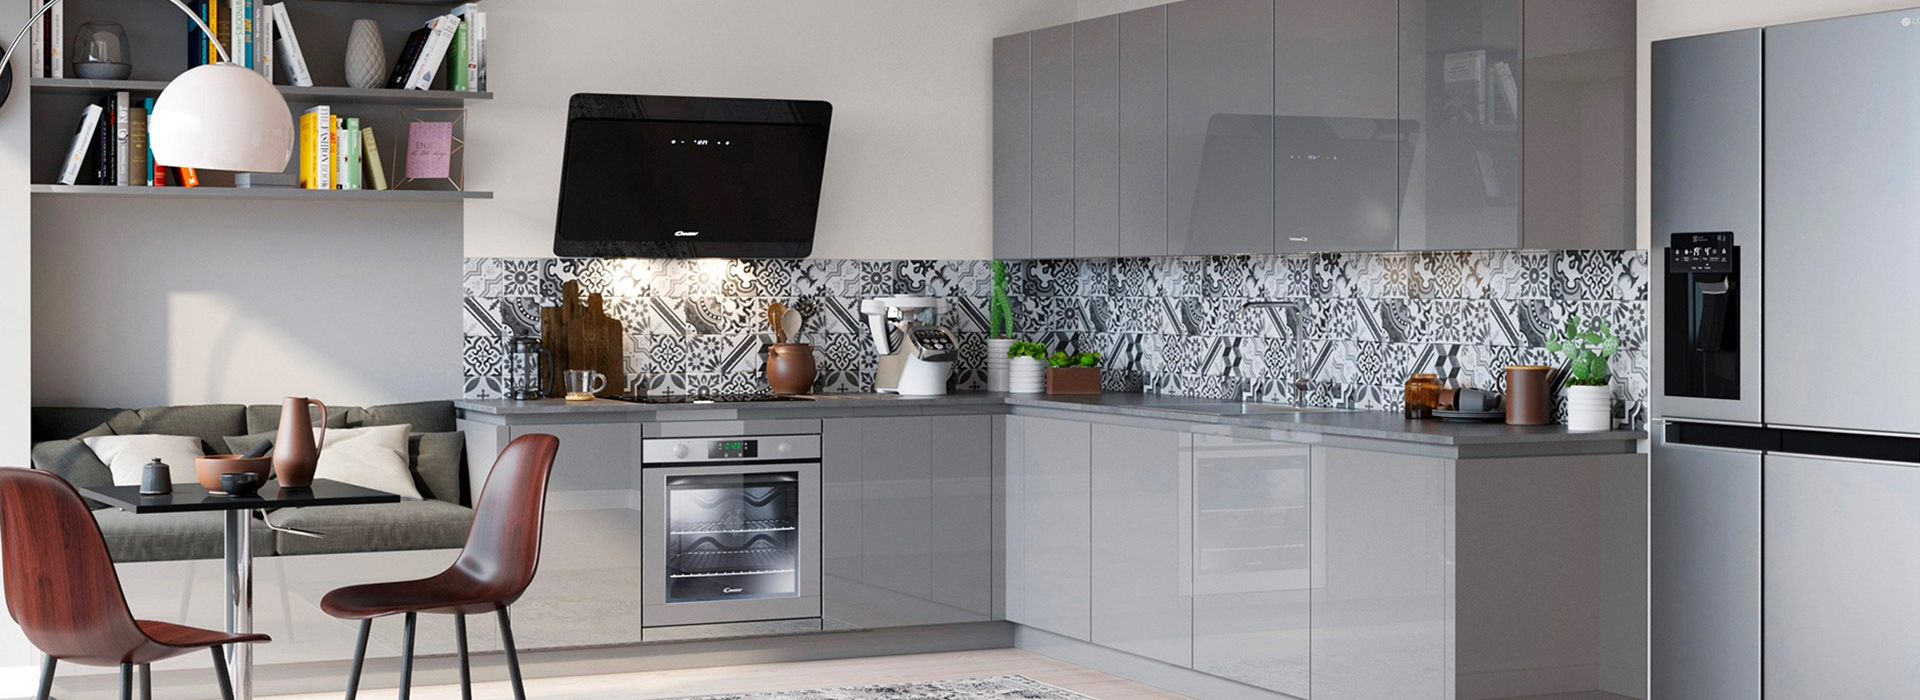 Credence Cuisine Marbre Blanc choisir une crédence dans la cuisine pour apporter du style